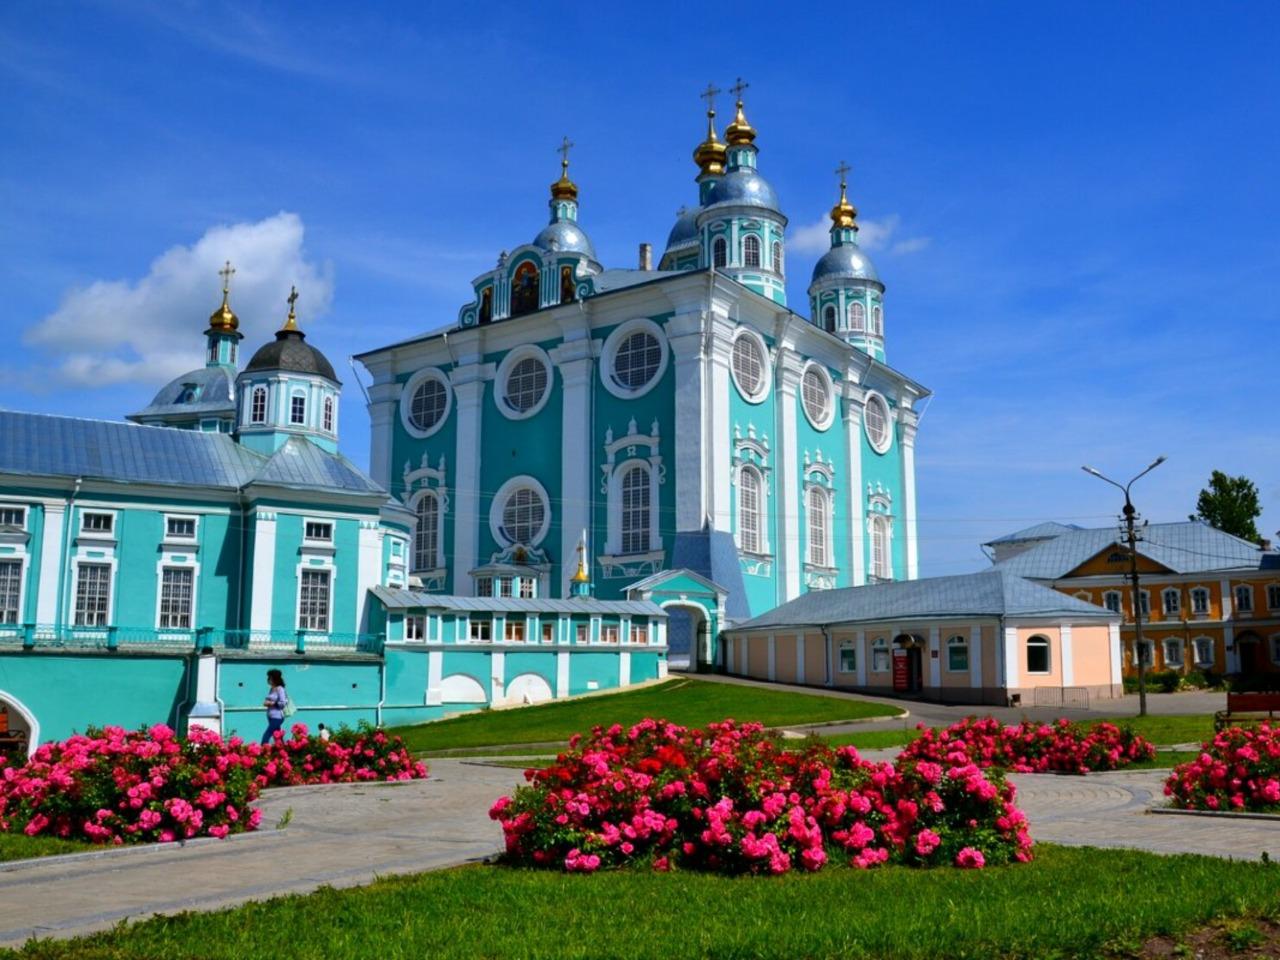 Древняя прелесть Смоленска: взгляд сквозь века - индивидуальная экскурсия по Смоленску от опытного гида